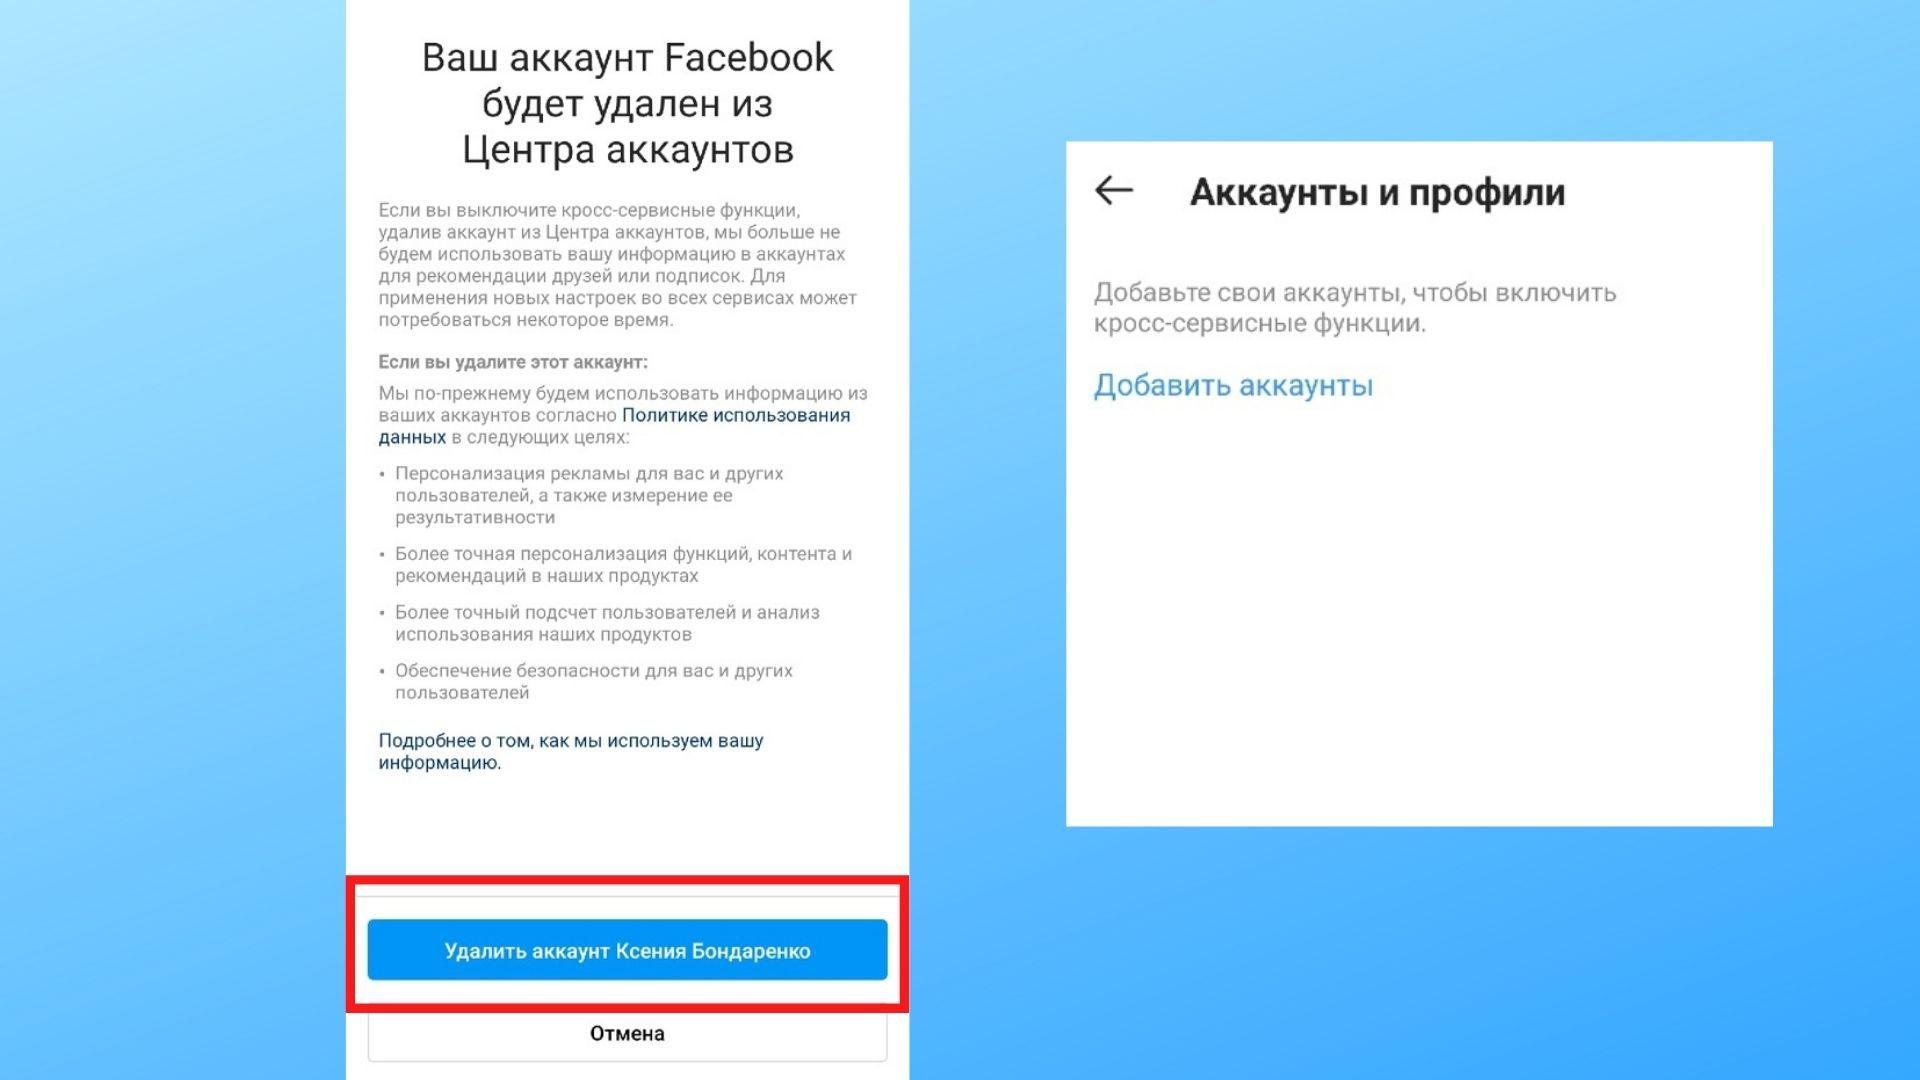 Если связаны были только 2 аккаунта, то поле «Аккаунты и профили» станет пустым, появится кнопка «Добавить аккаунты»